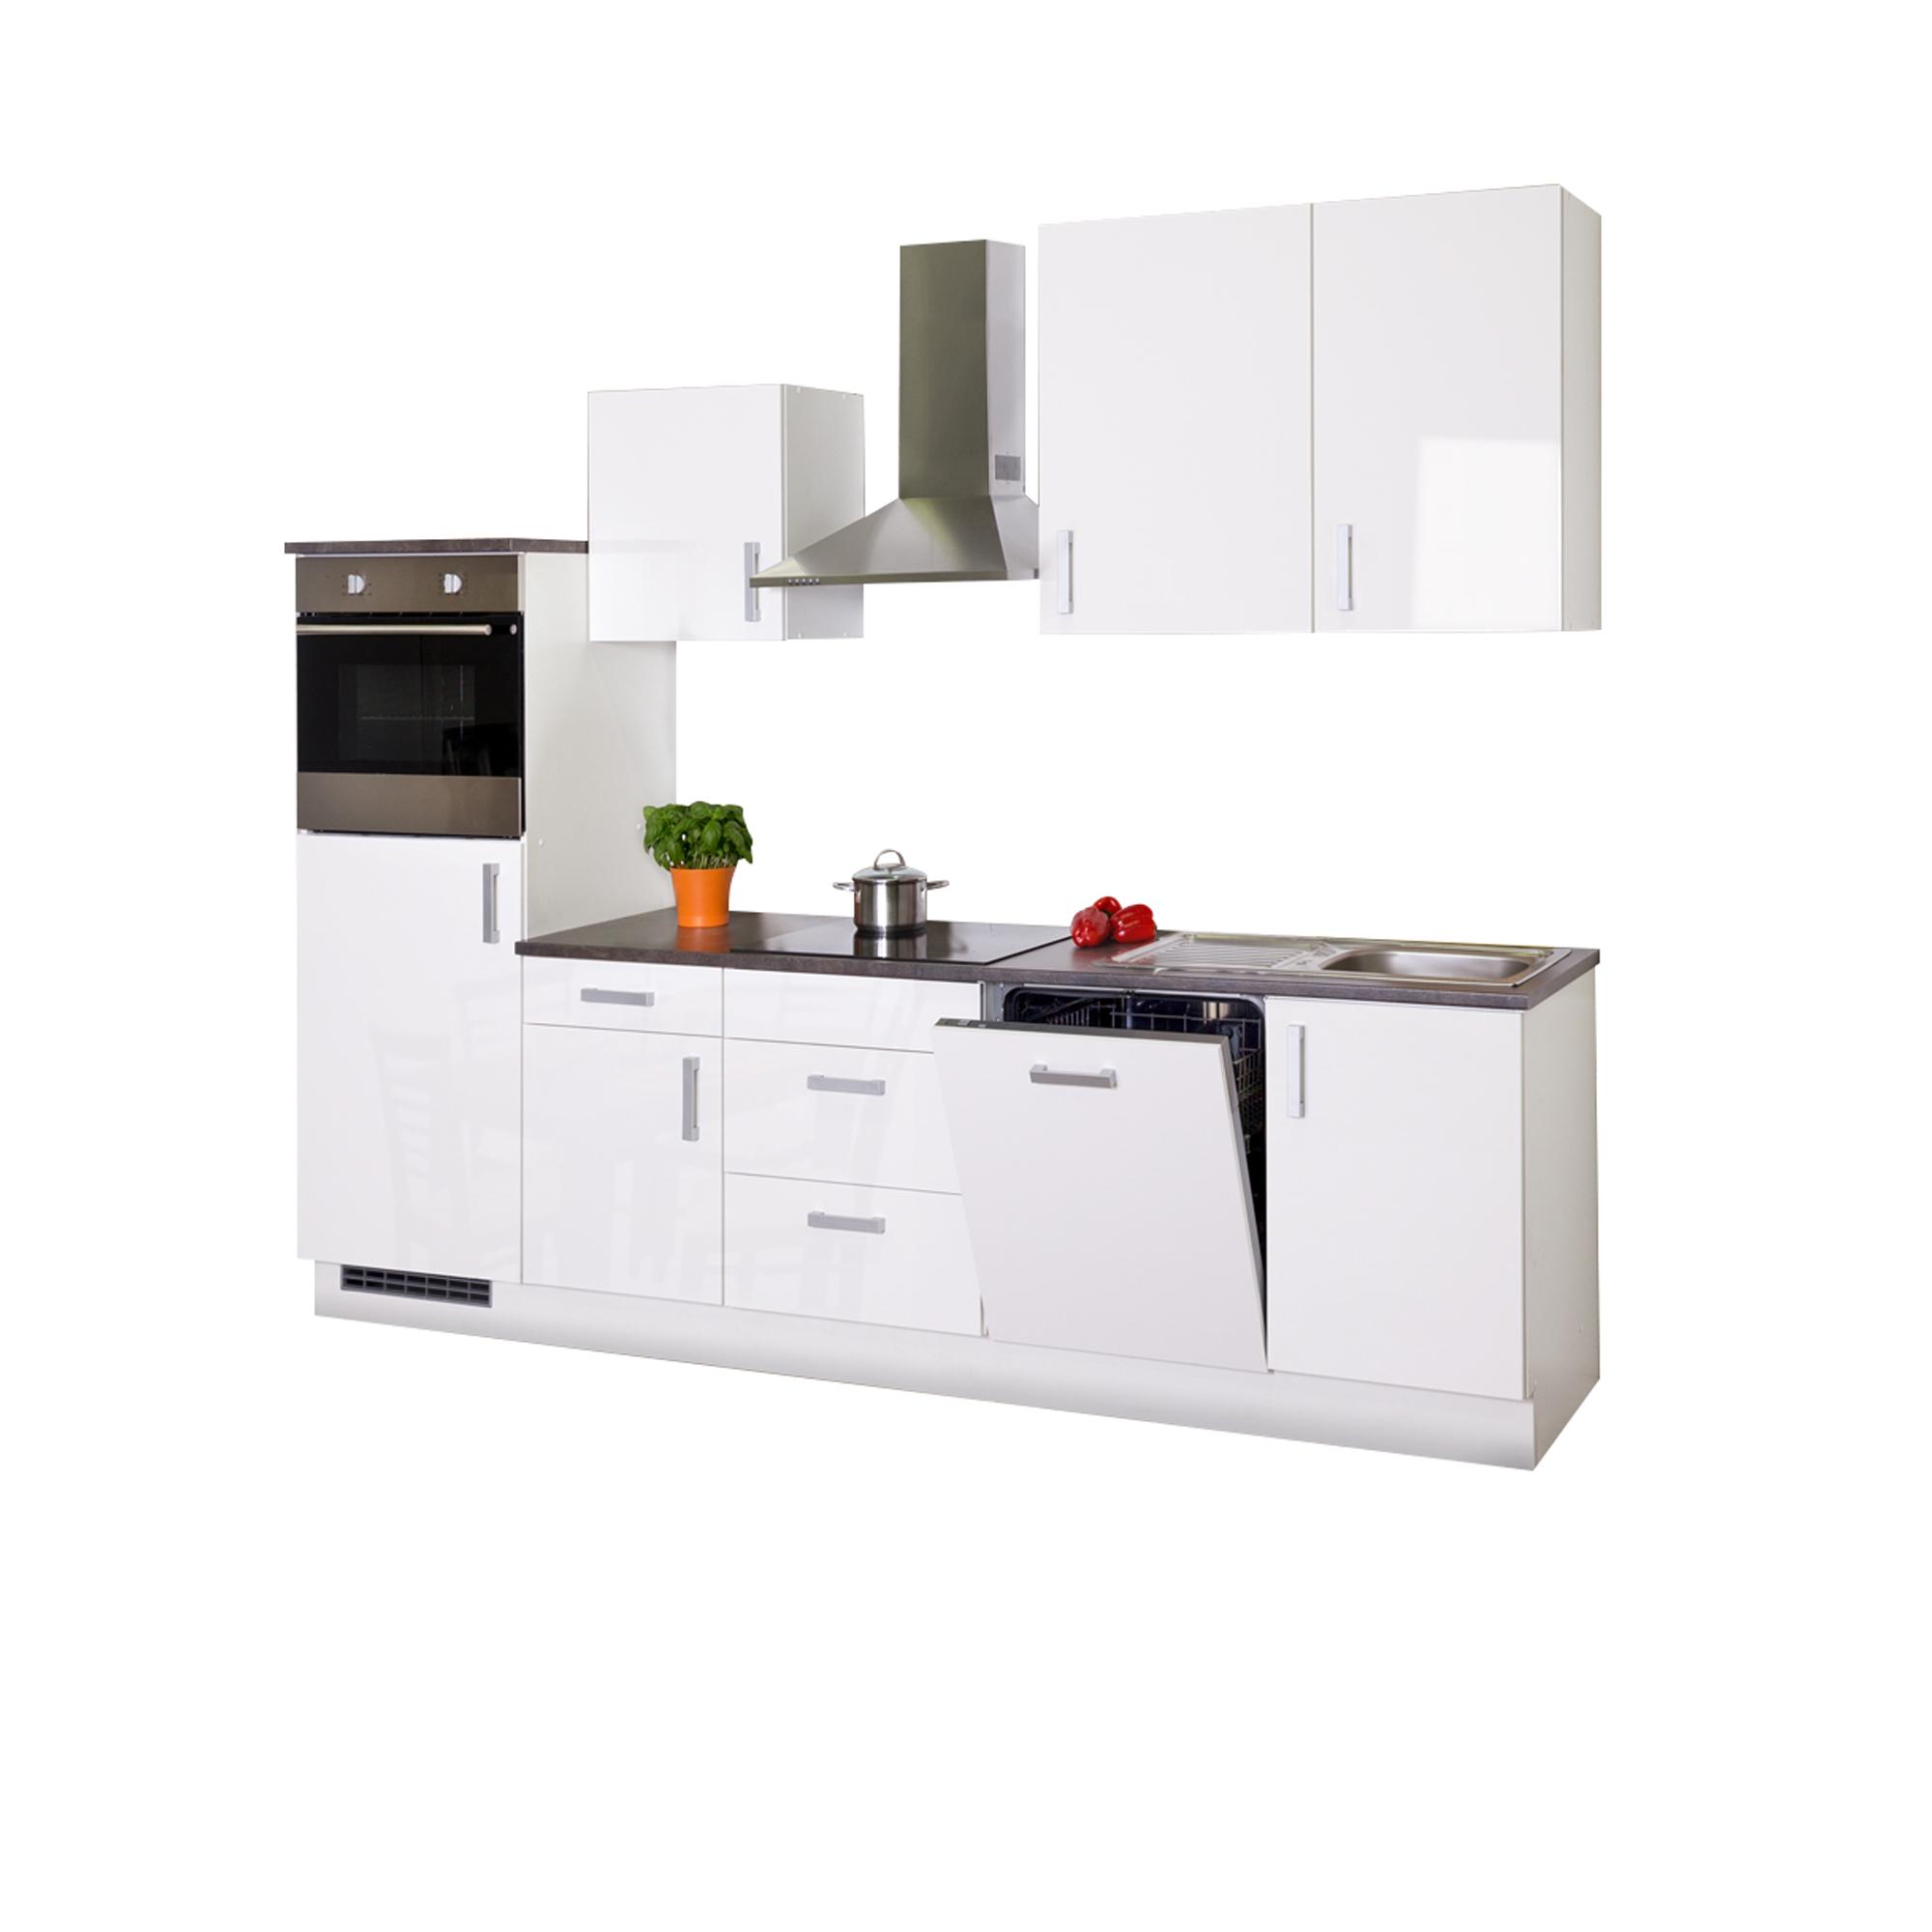 Details zu Küchenzeile mit Elektrogeräten Küchenblock Einbauküche 280 Küche  hochglanz weiss